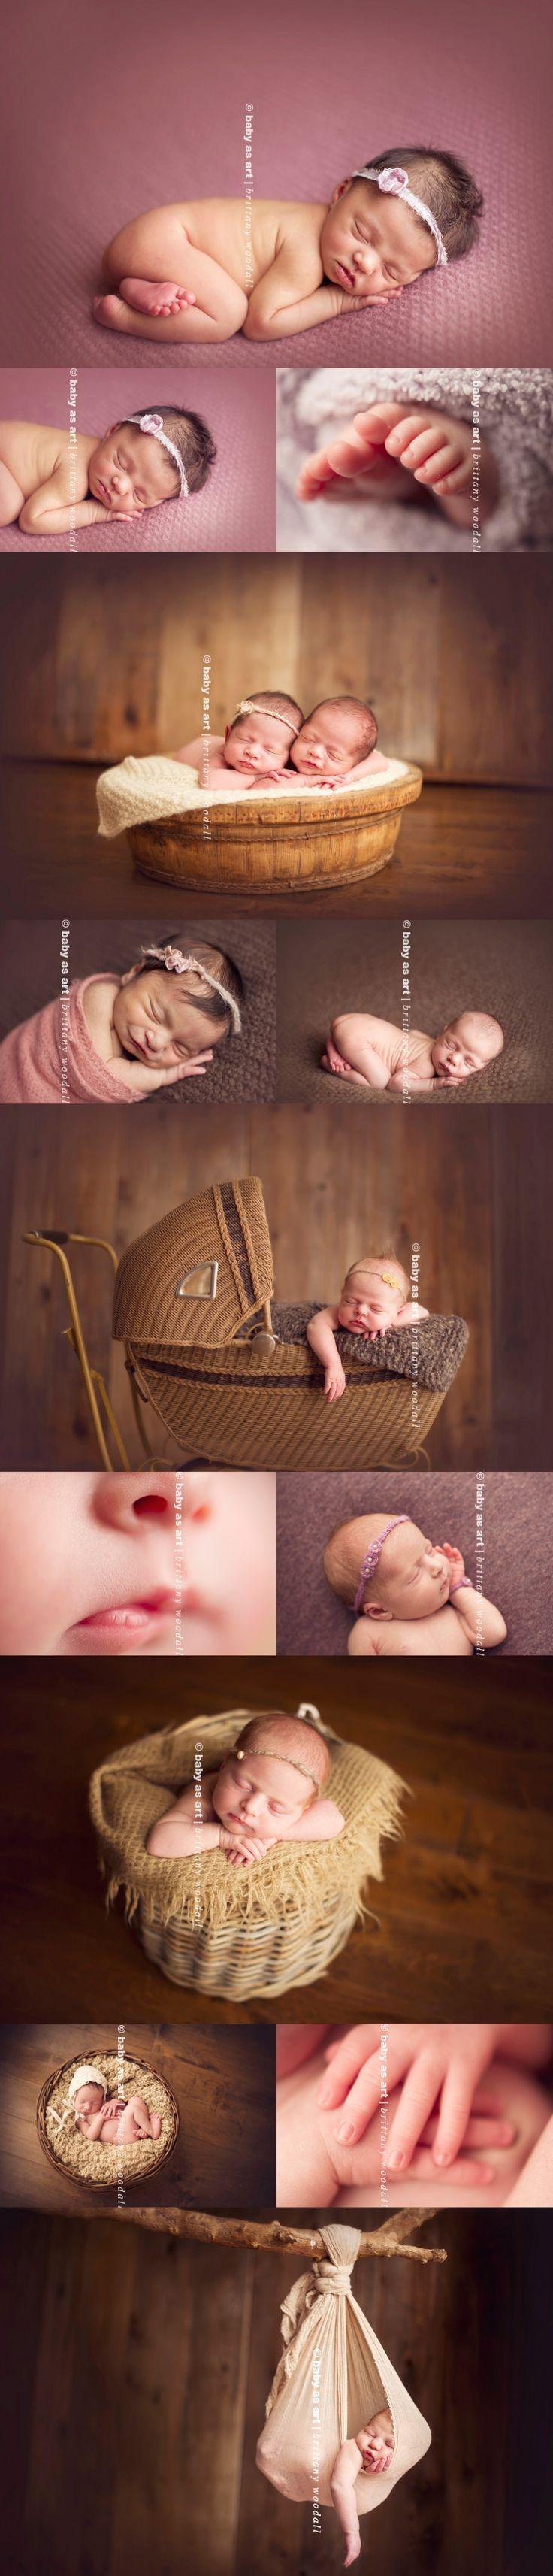 newborn baby photography workshop 1